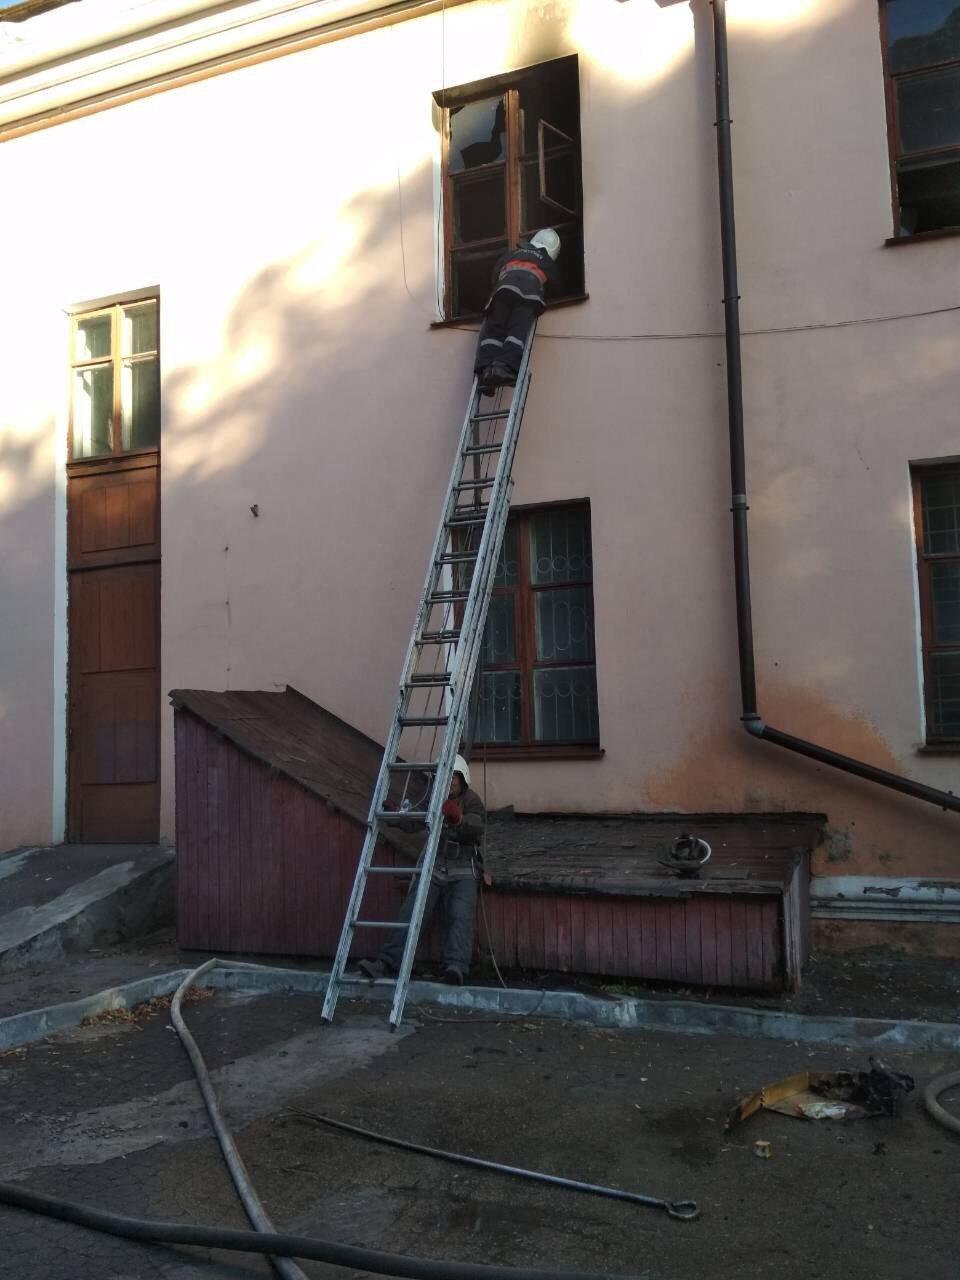 В Днепропетровской области сгорел Дворец Культуры: есть погибший, - ФОТО, фото-1